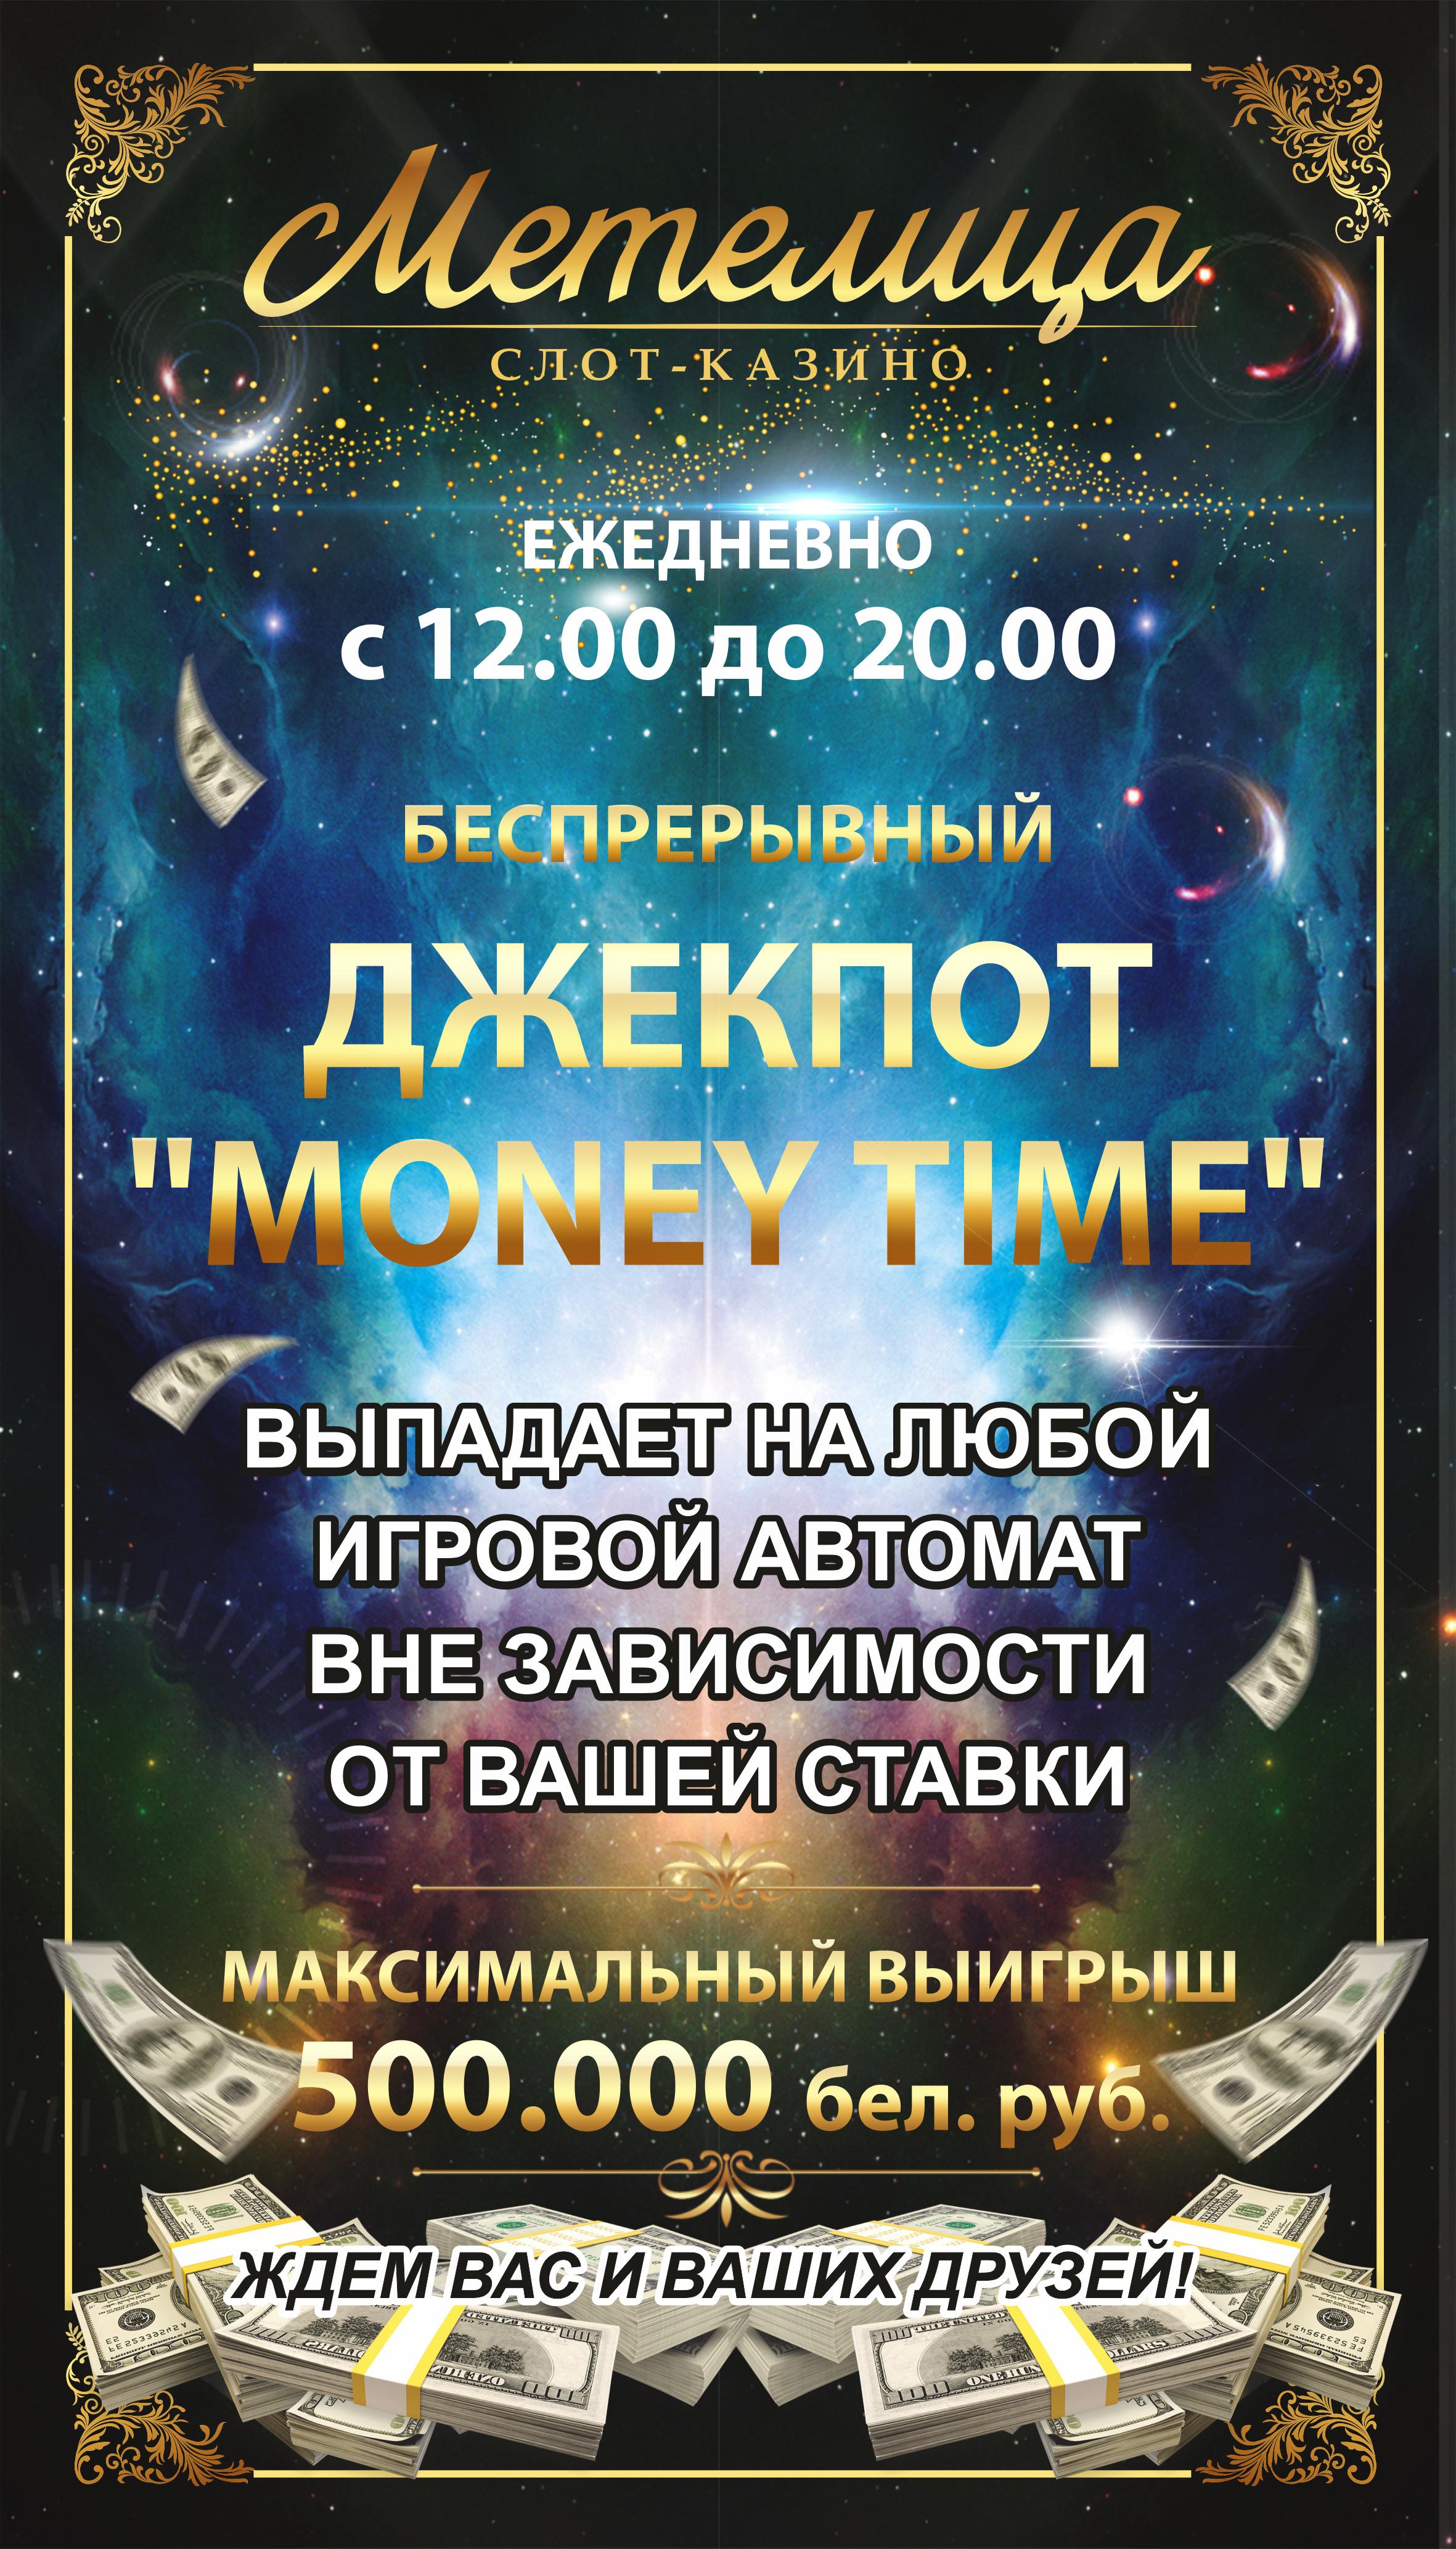 Империя казино - интернет игровые автоматы на деньги